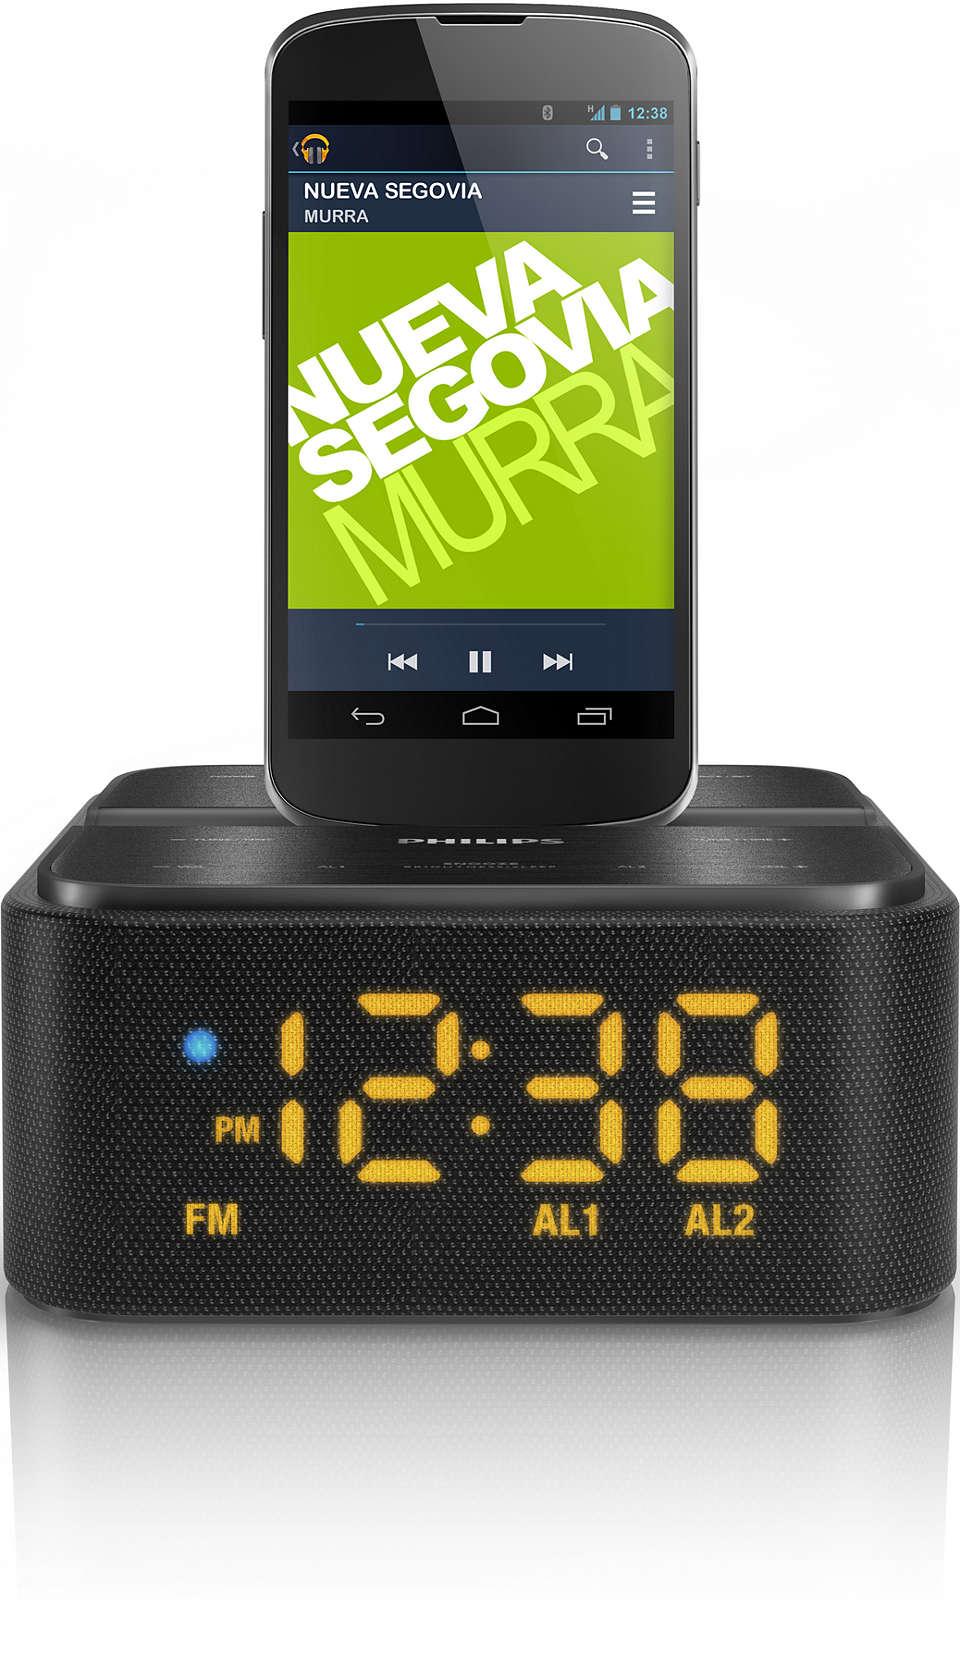 Prenášajte hudbu bezdrôtovo a nabite svoj telefón s Androidom